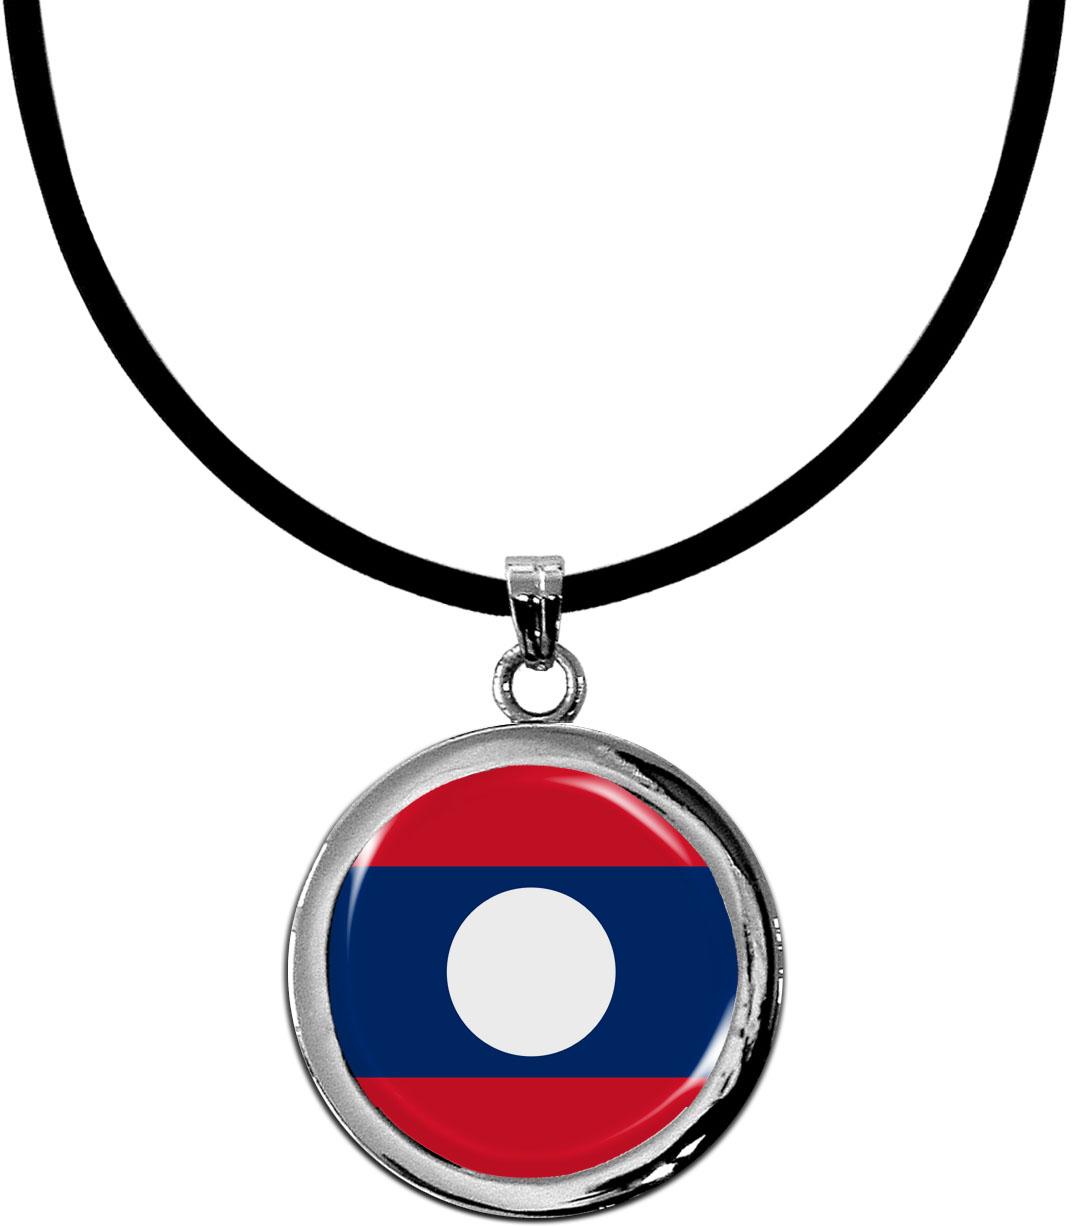 Kettenanhänger / Laos / Silikonband mit Silberverschluss